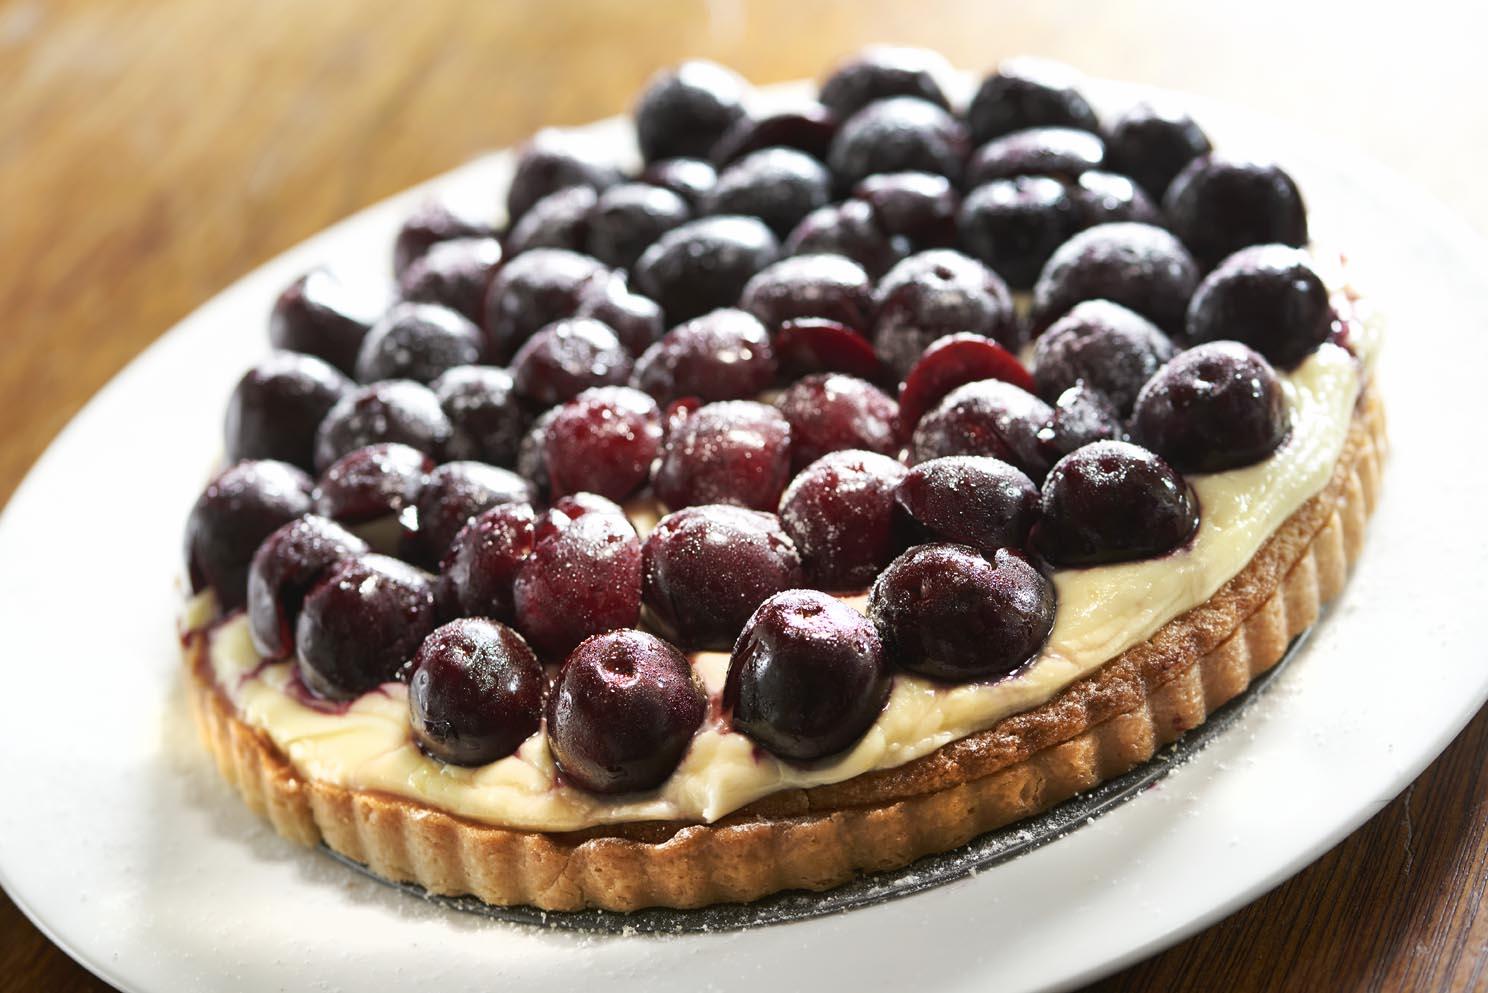 Summer cherry and frangipane cheesecake